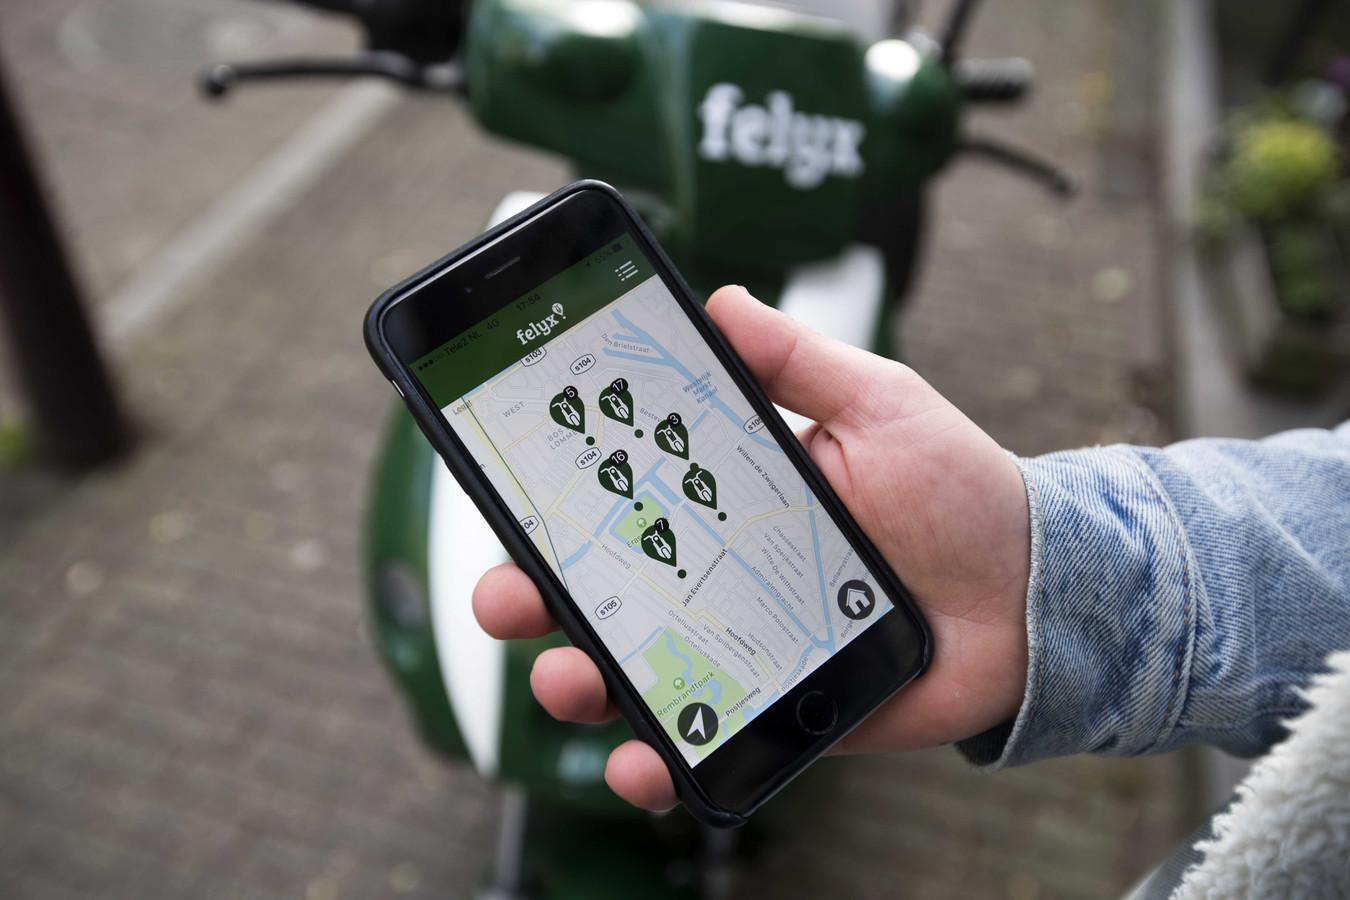 Met de app vinden gebruikers de dichtstbijzijnde scooter van Felyx.